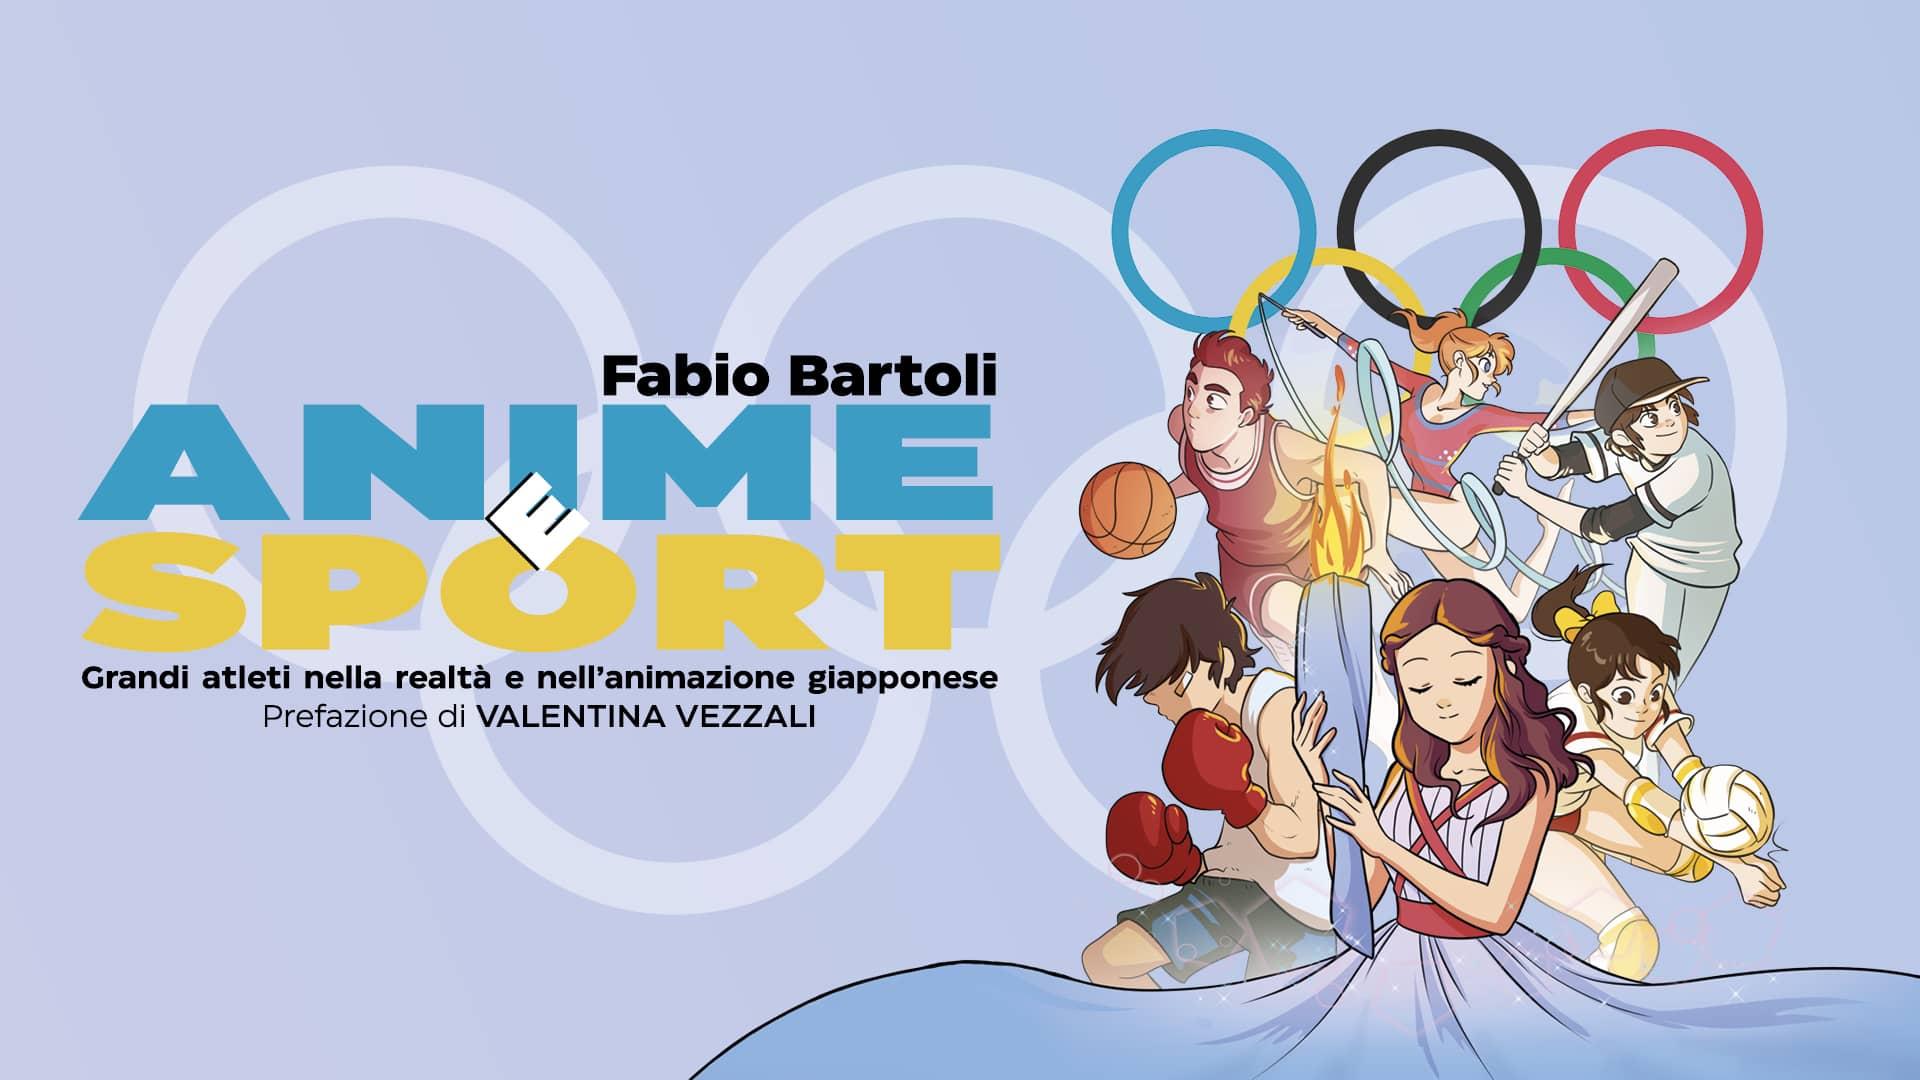 Anime e sport